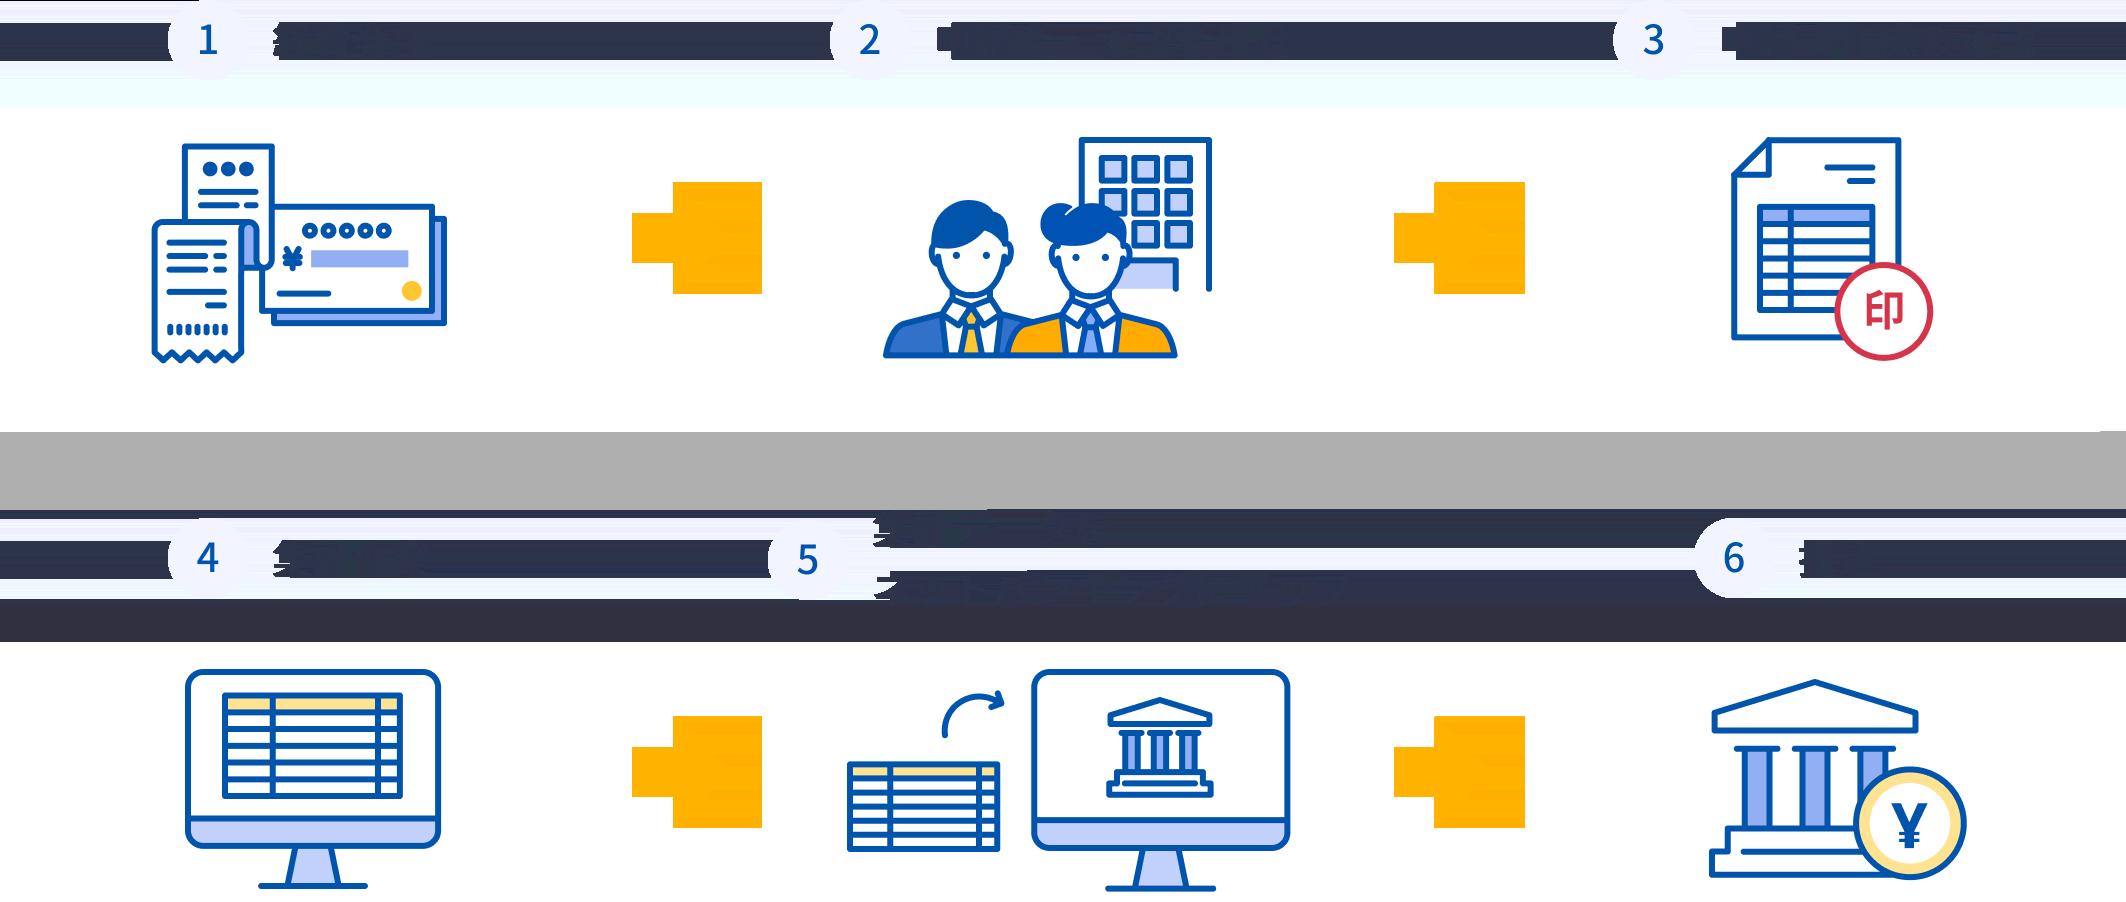 マネーフォワード クラウド導入前は、経費発生、申請者・承認者出社、申請書作成、承認・集計作業、集計データをネットバンキングにアップ、振込